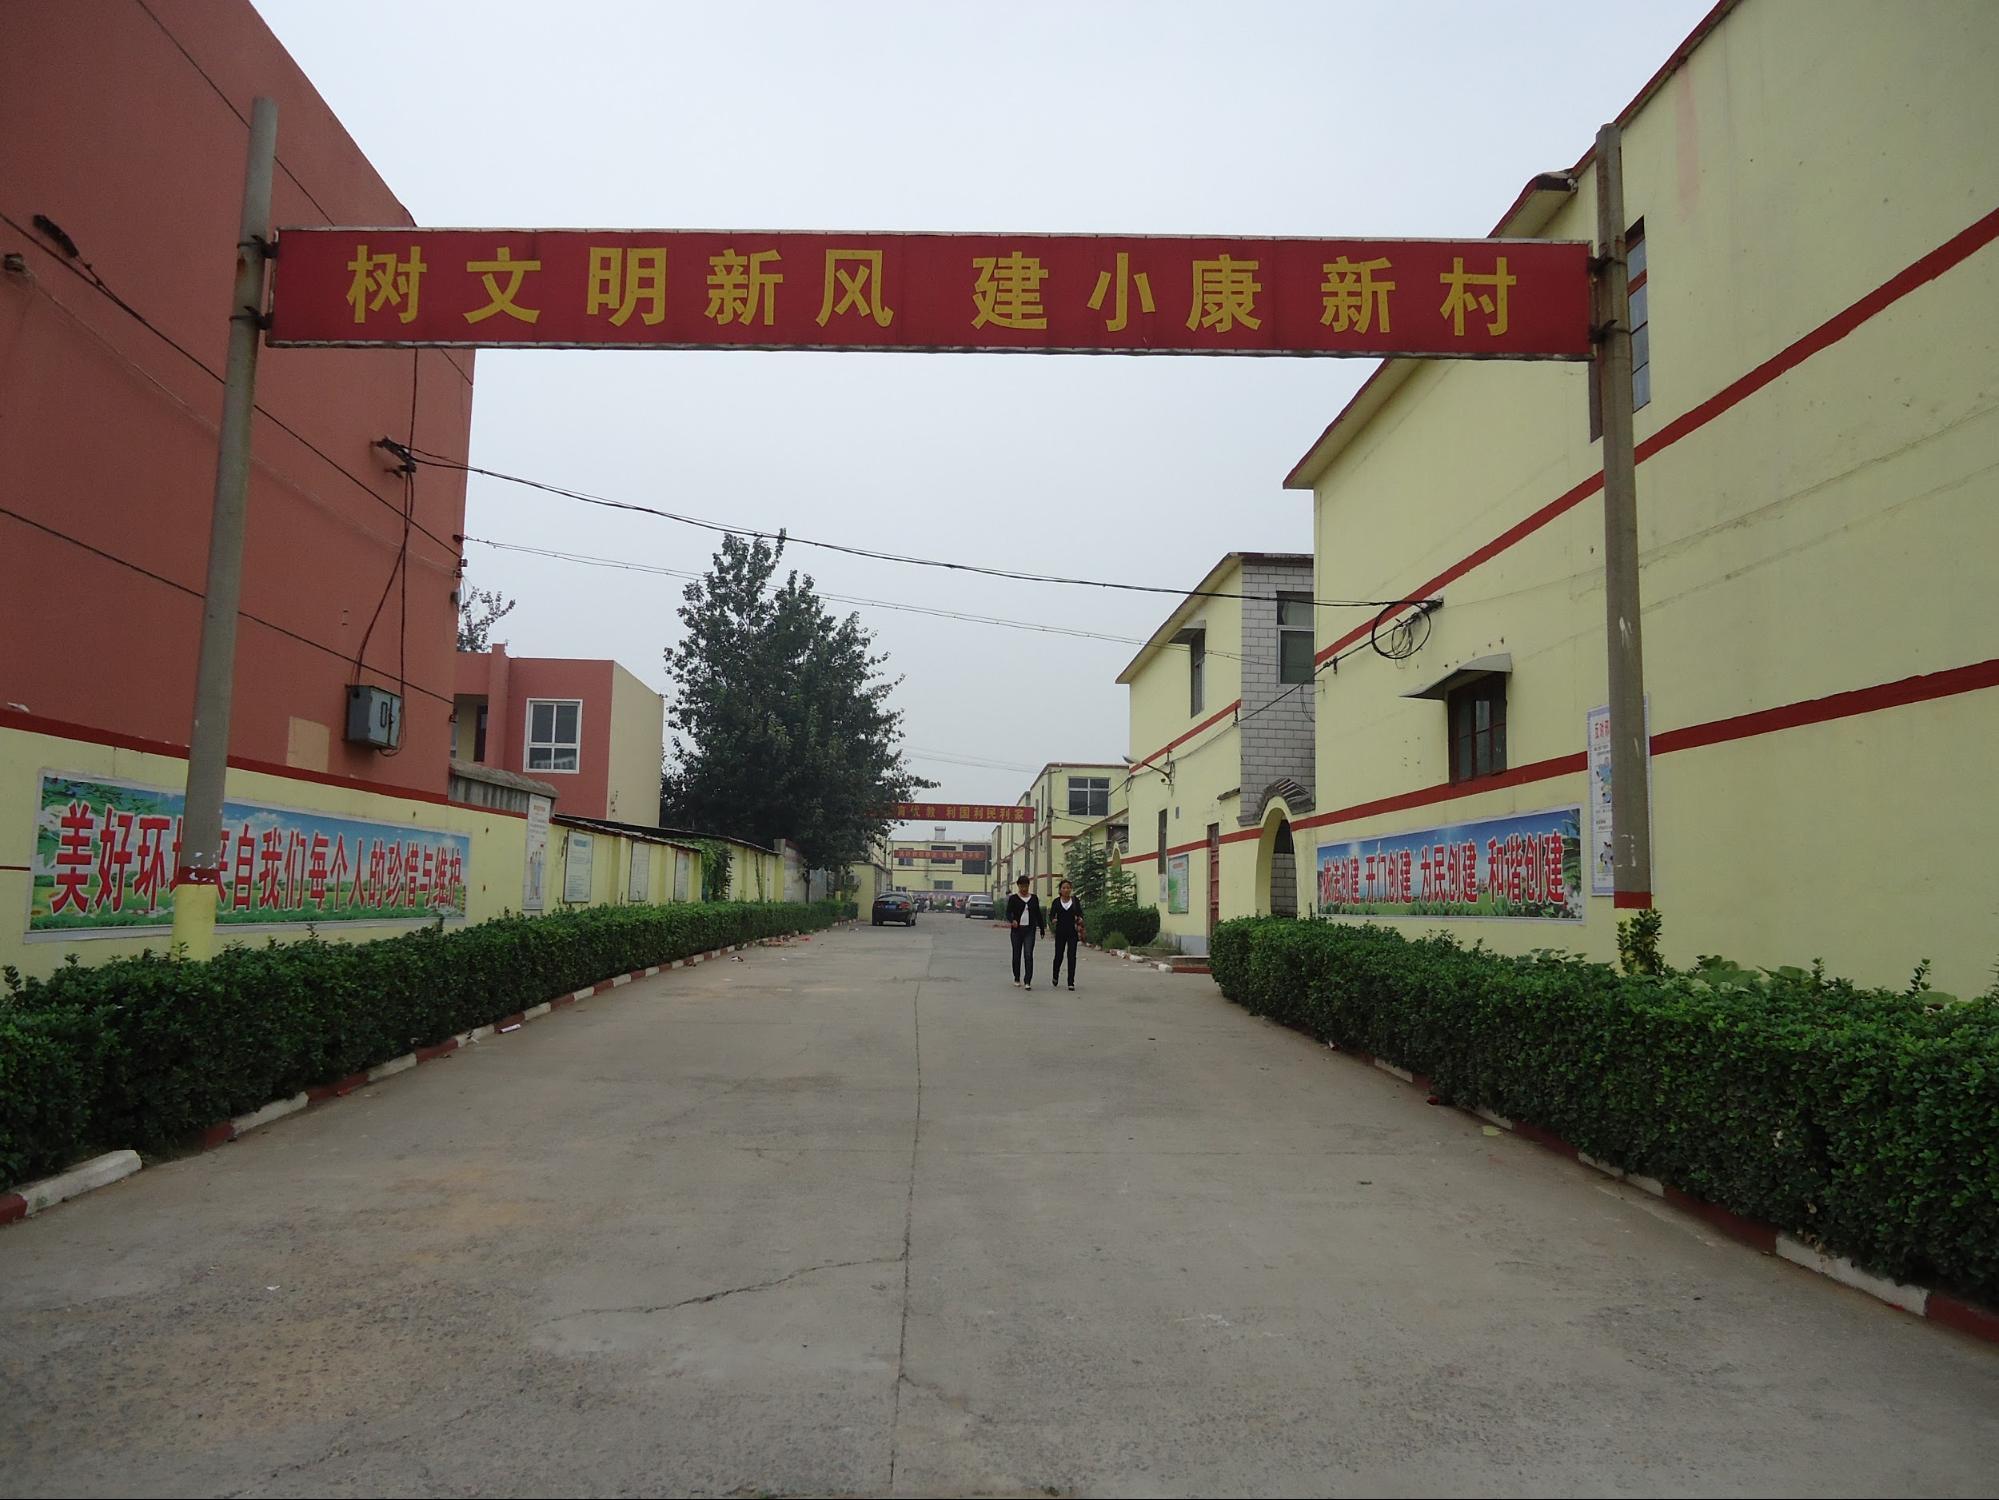 建設文明小村的標語。圖片來源│王舒俐,攝於 2010 年